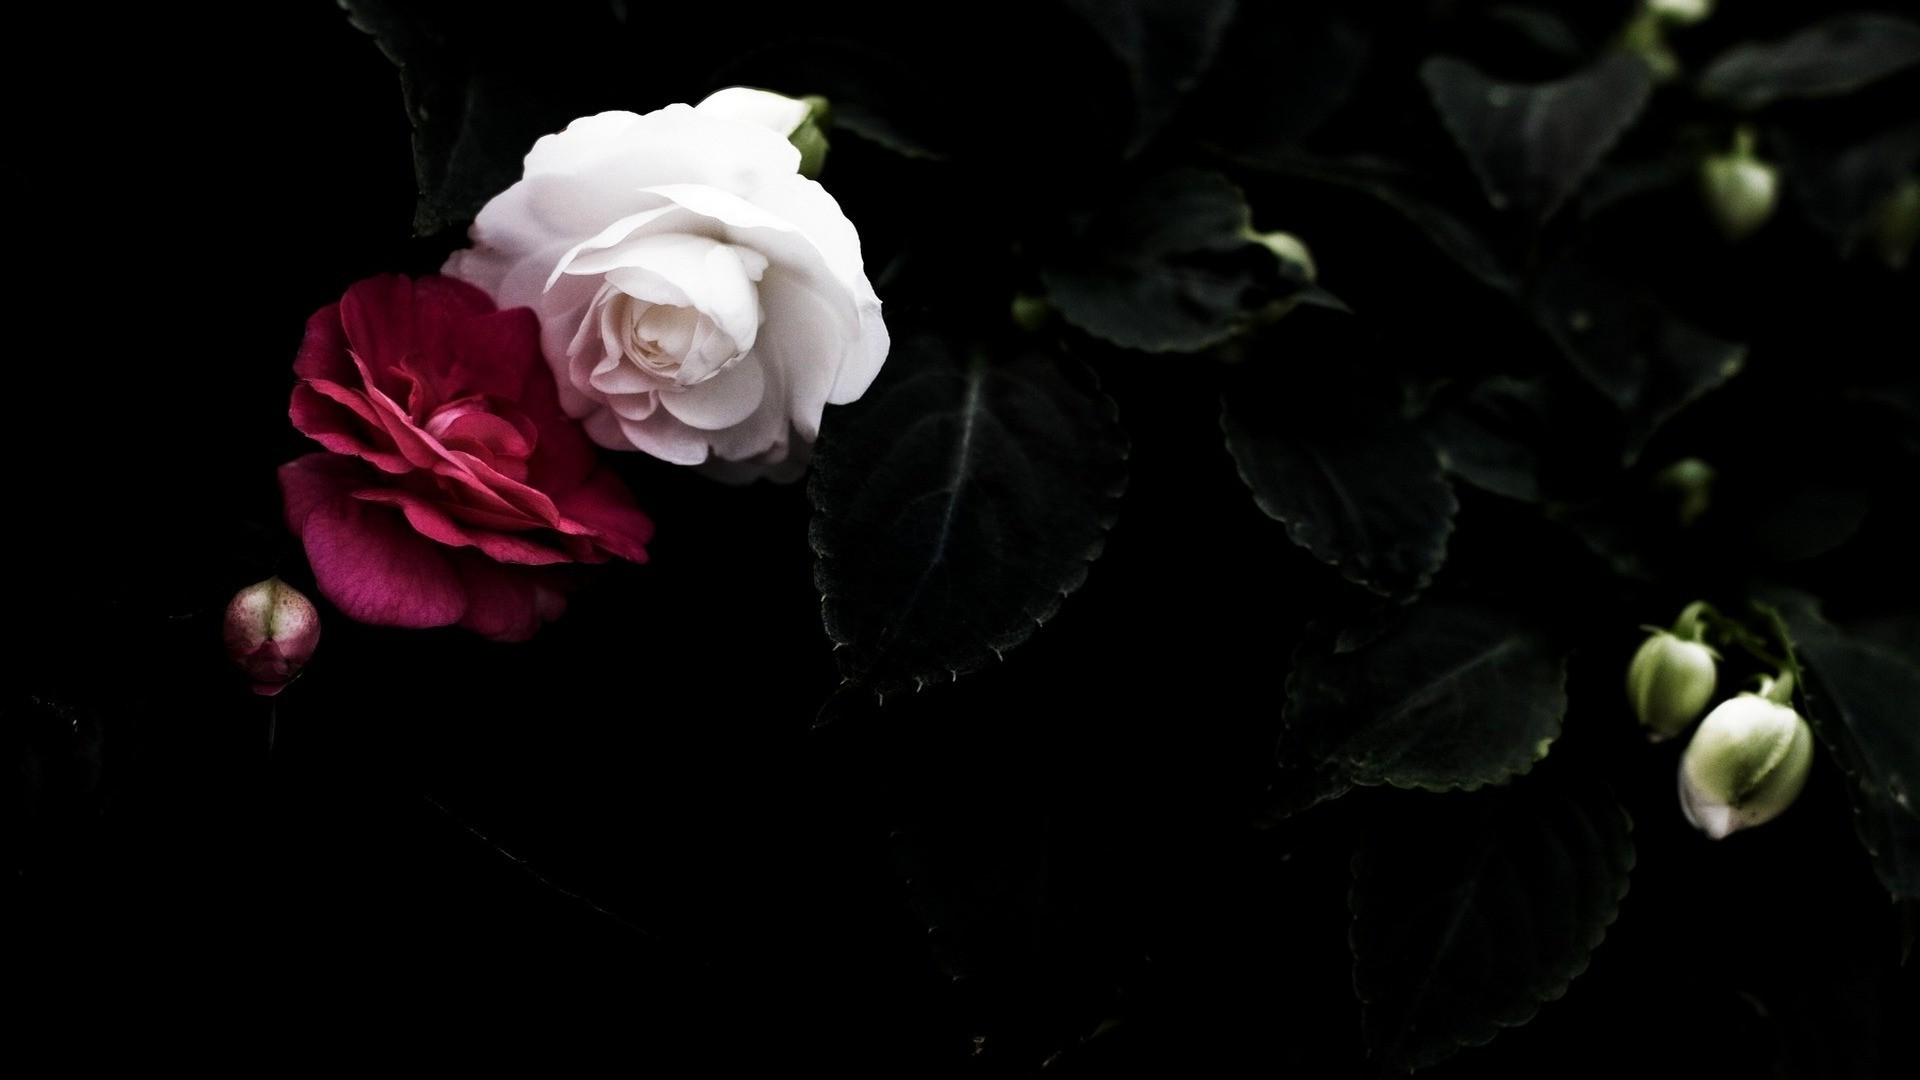 Dark Red Roses Wallpaper (59+ Images